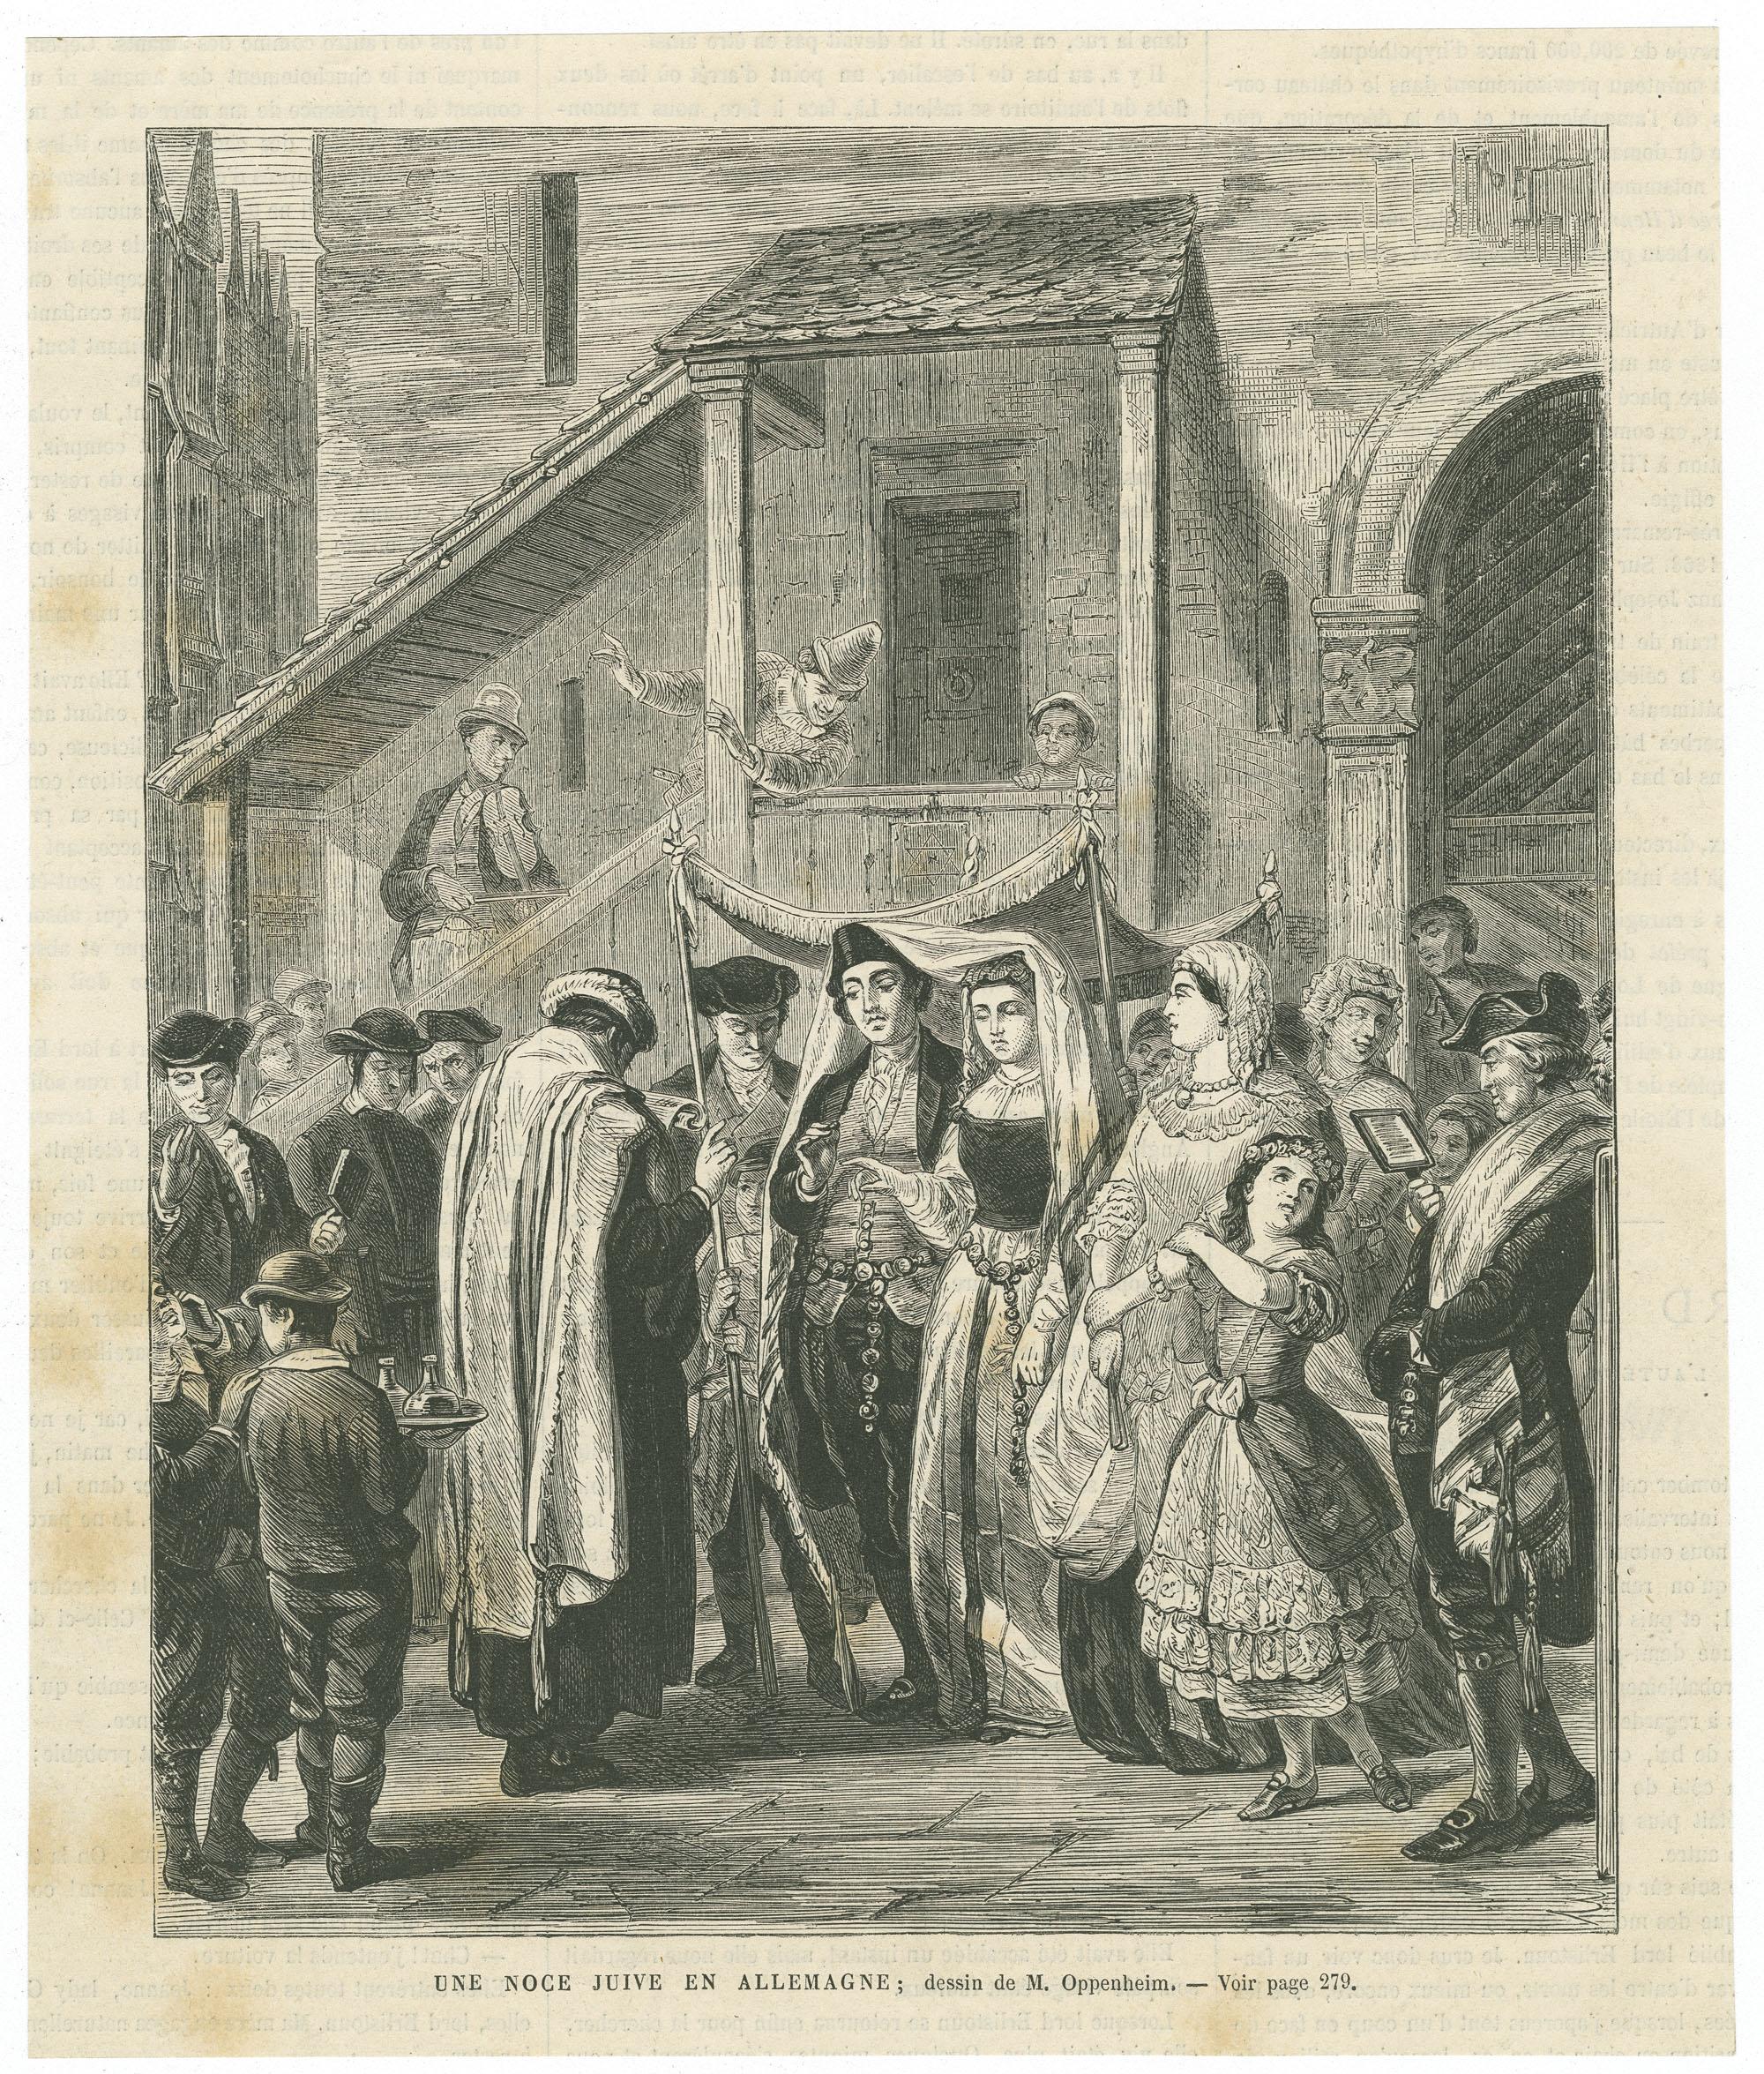 Une noce juive en Allemagne